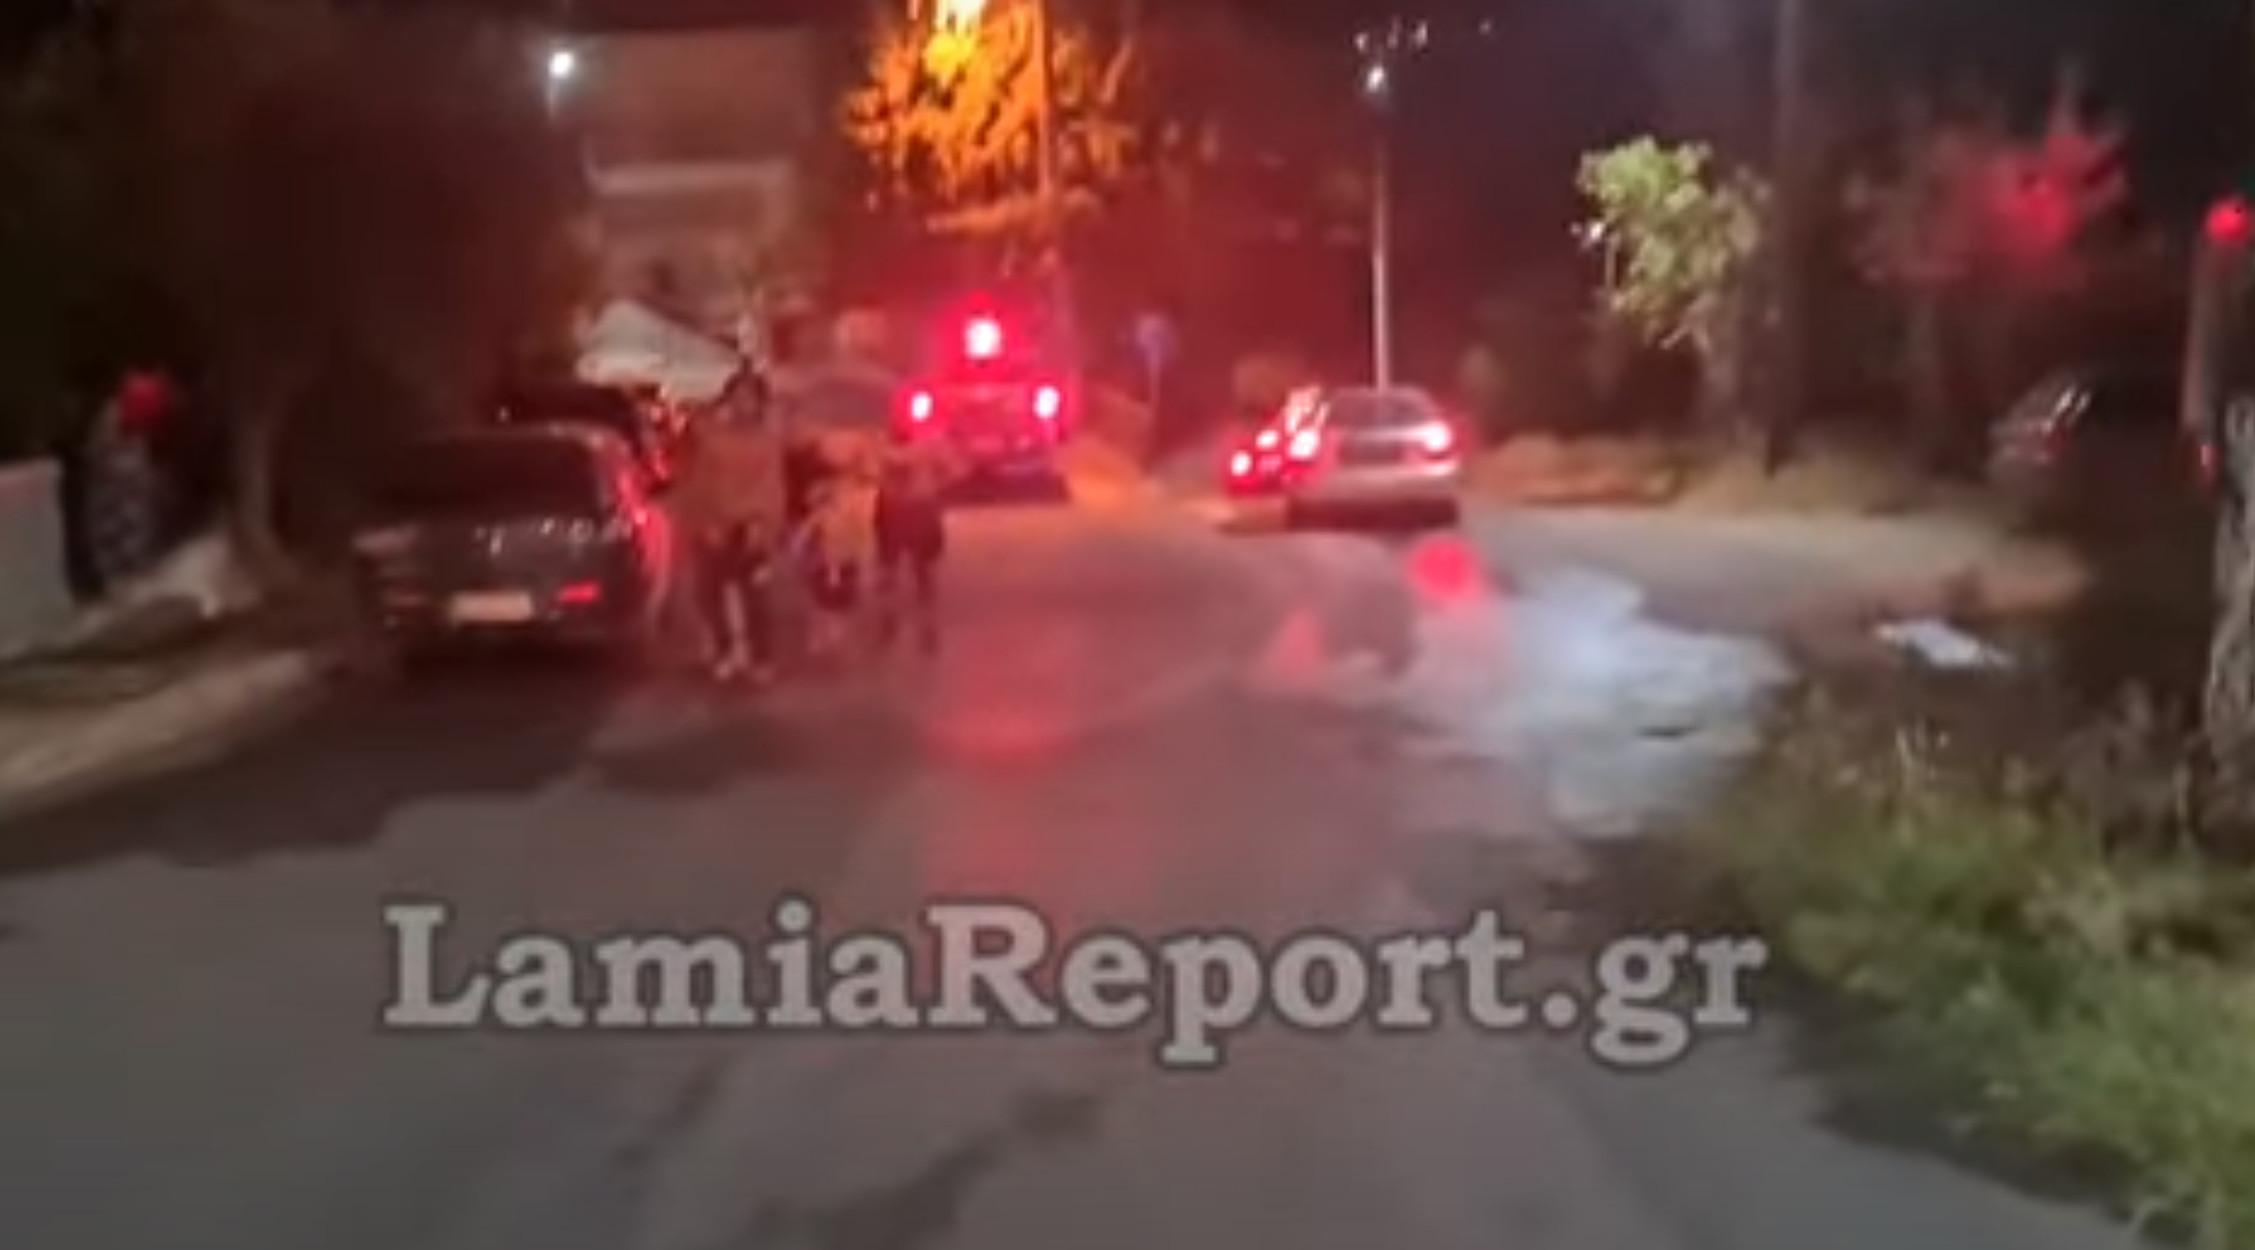 Λαμία: Εμπρηστές έβαλαν φωτιά στην πόλη